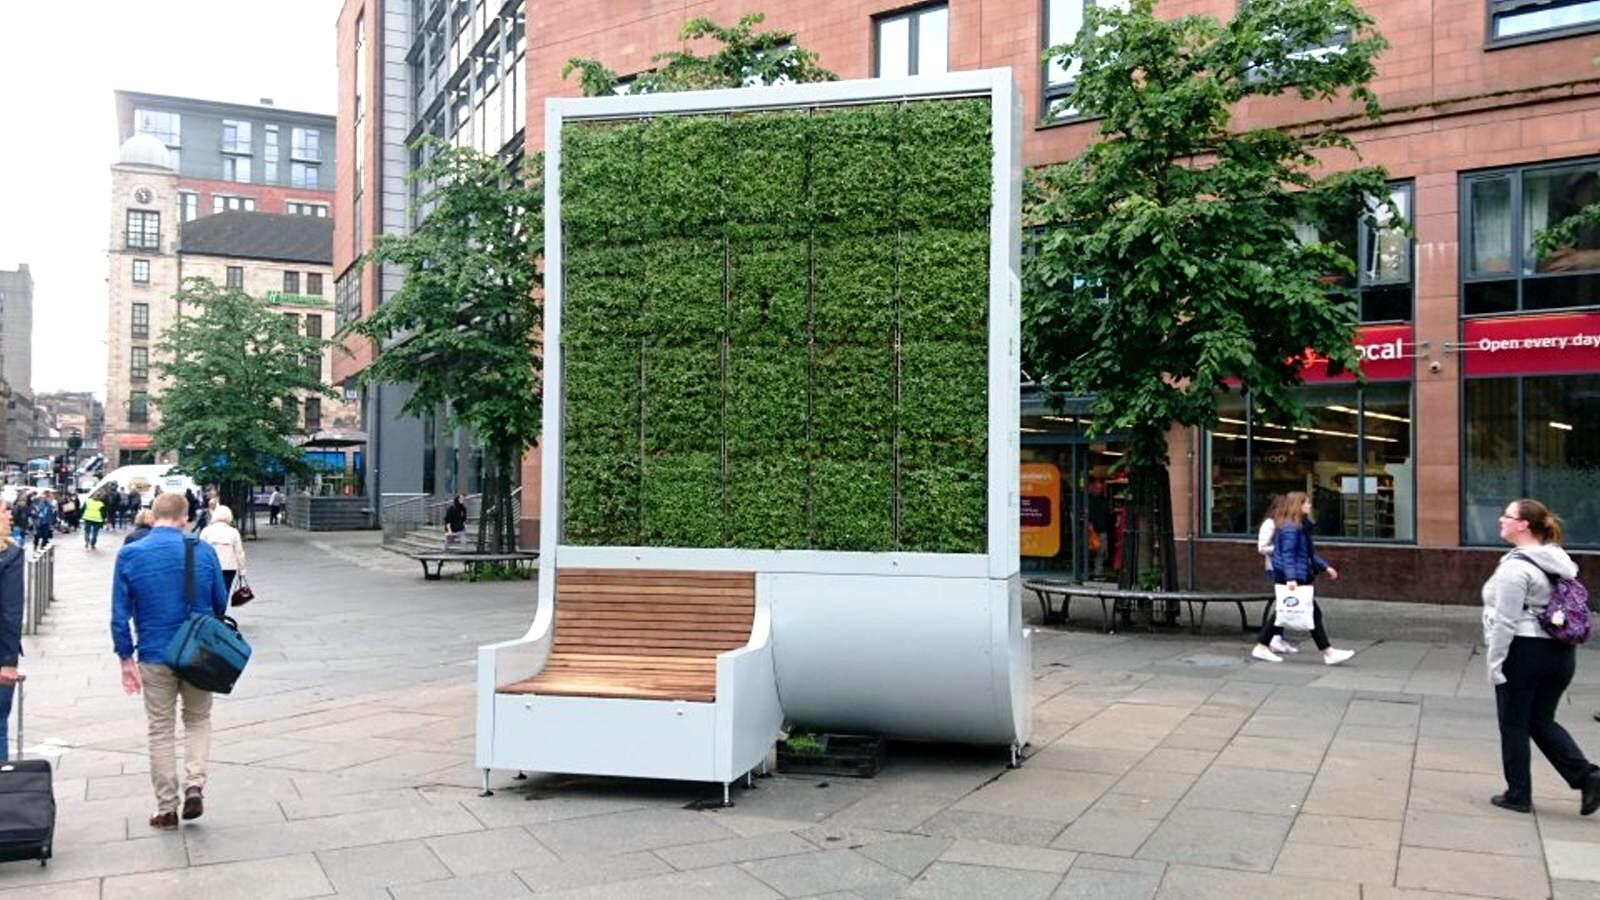 Londres, instalan árboles artificiales en la ciudad para reducir la contaminación